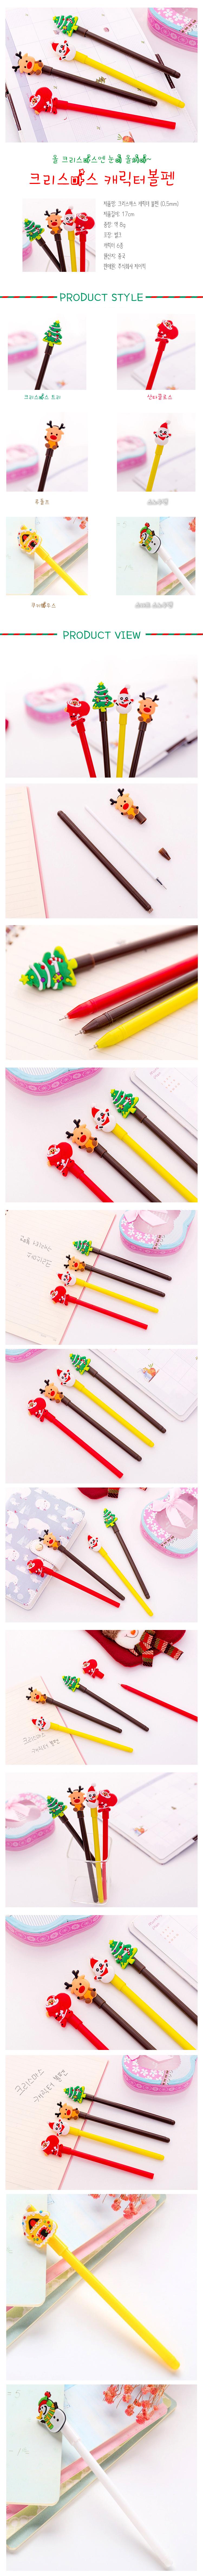 Christmas_pen.jpg